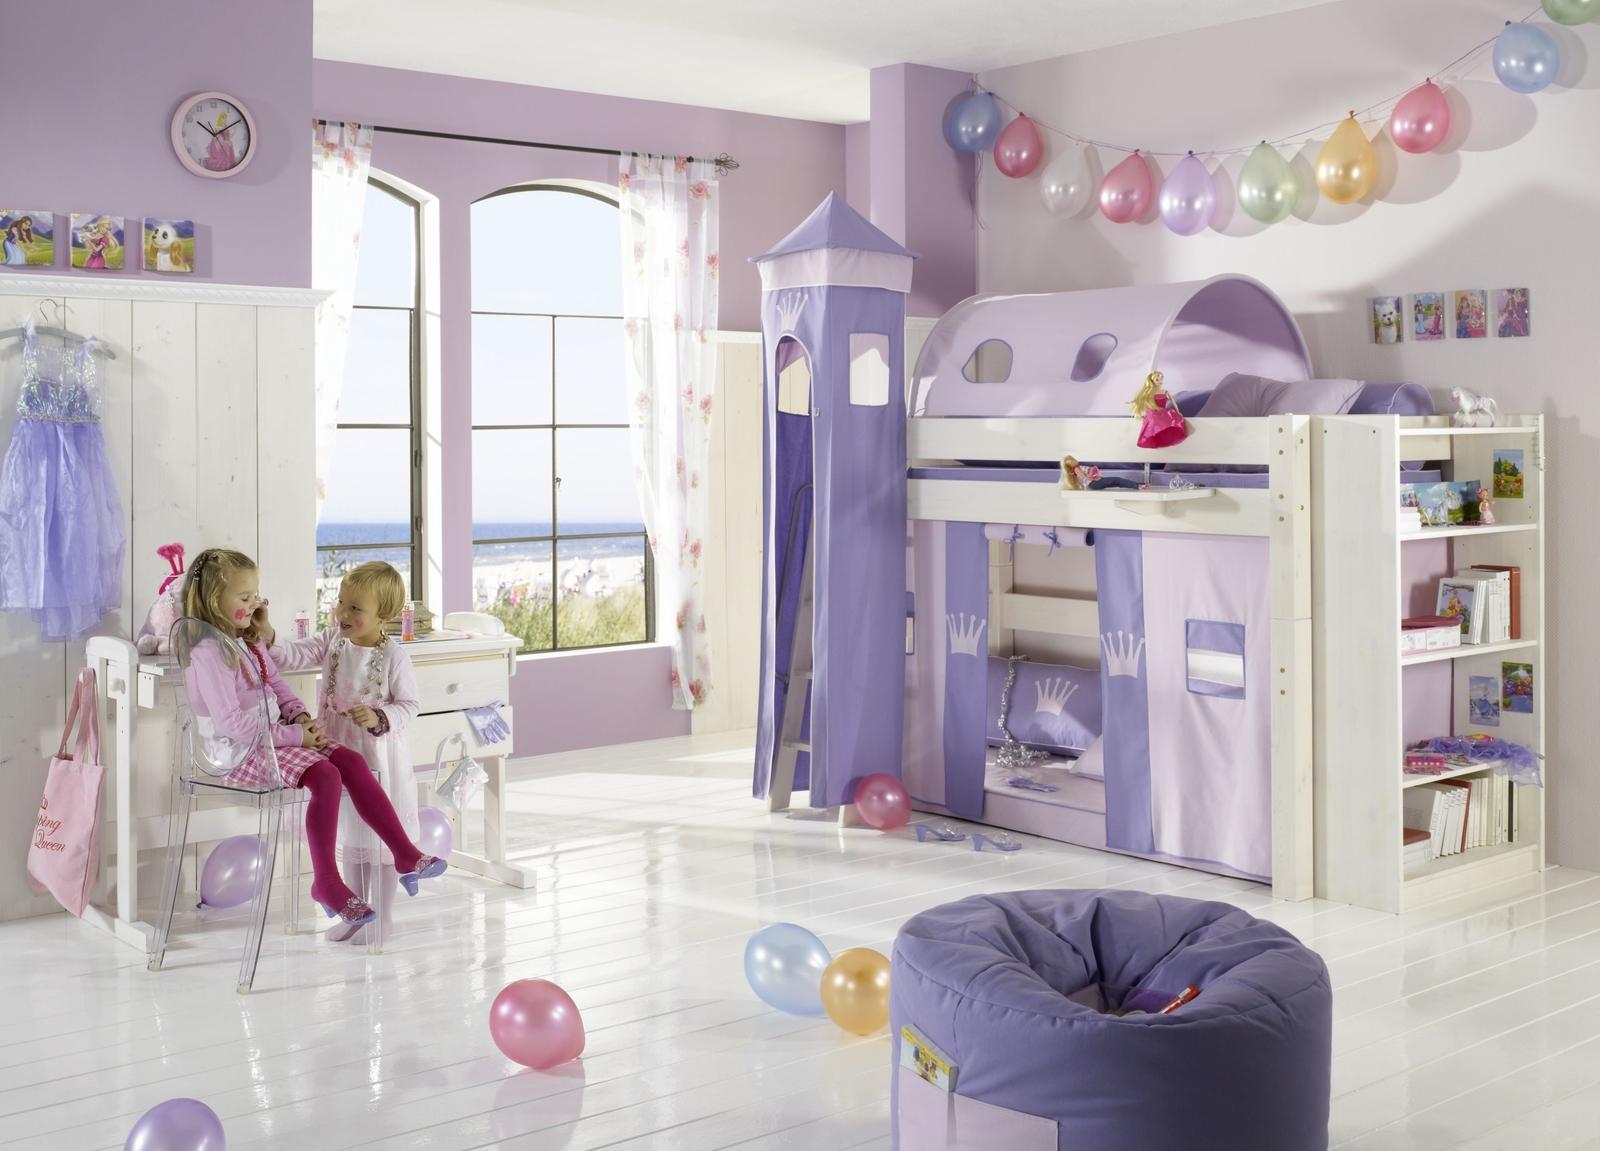 Dolphin Kinderzimmer Halbhochbett Lavendeltraum